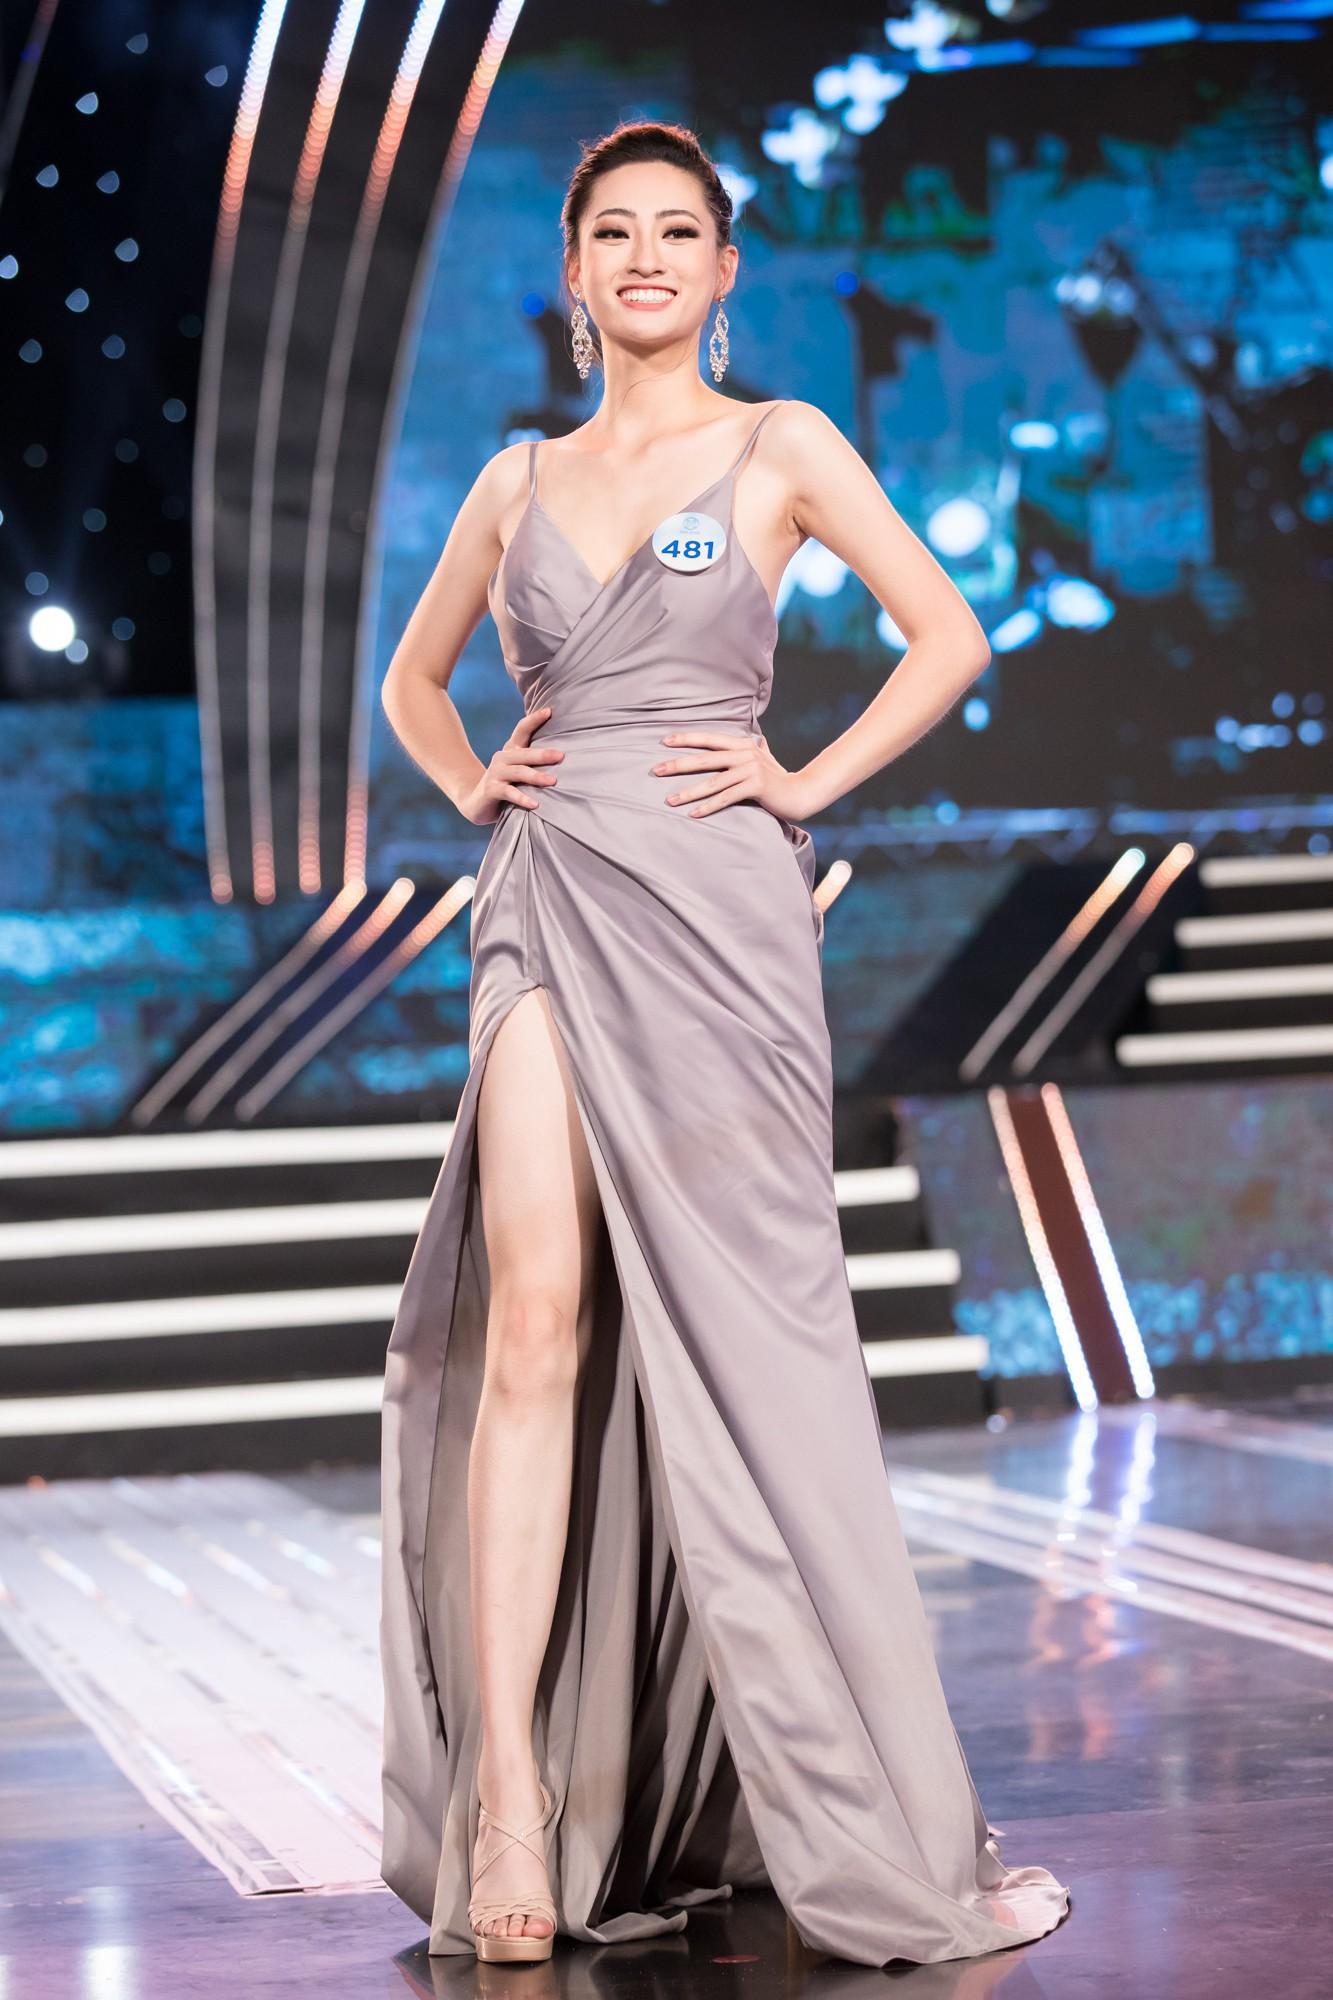 Nữ sinh Ngoại thương là ứng viên nặng ký của vương miện Hoa hậu thế giới Việt Nam 2019: IELTS 7.5, thành viên đội tuyển HSG Quốc gia tiếng Anh - Ảnh 3.